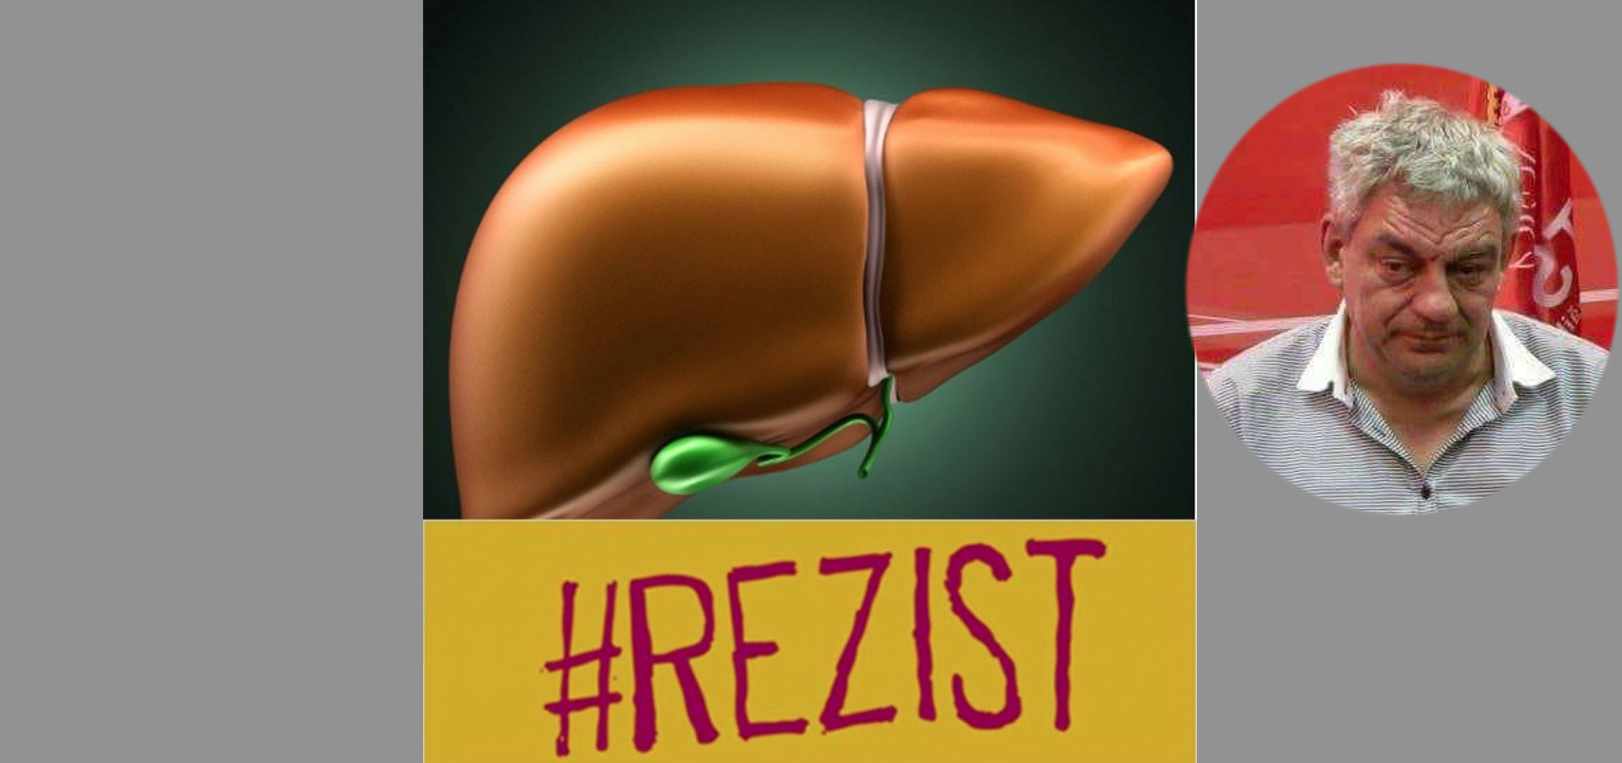 Nu se lasă! Ficatul lui Mihai Tudose și-a pus #REZIST la poza de profil!